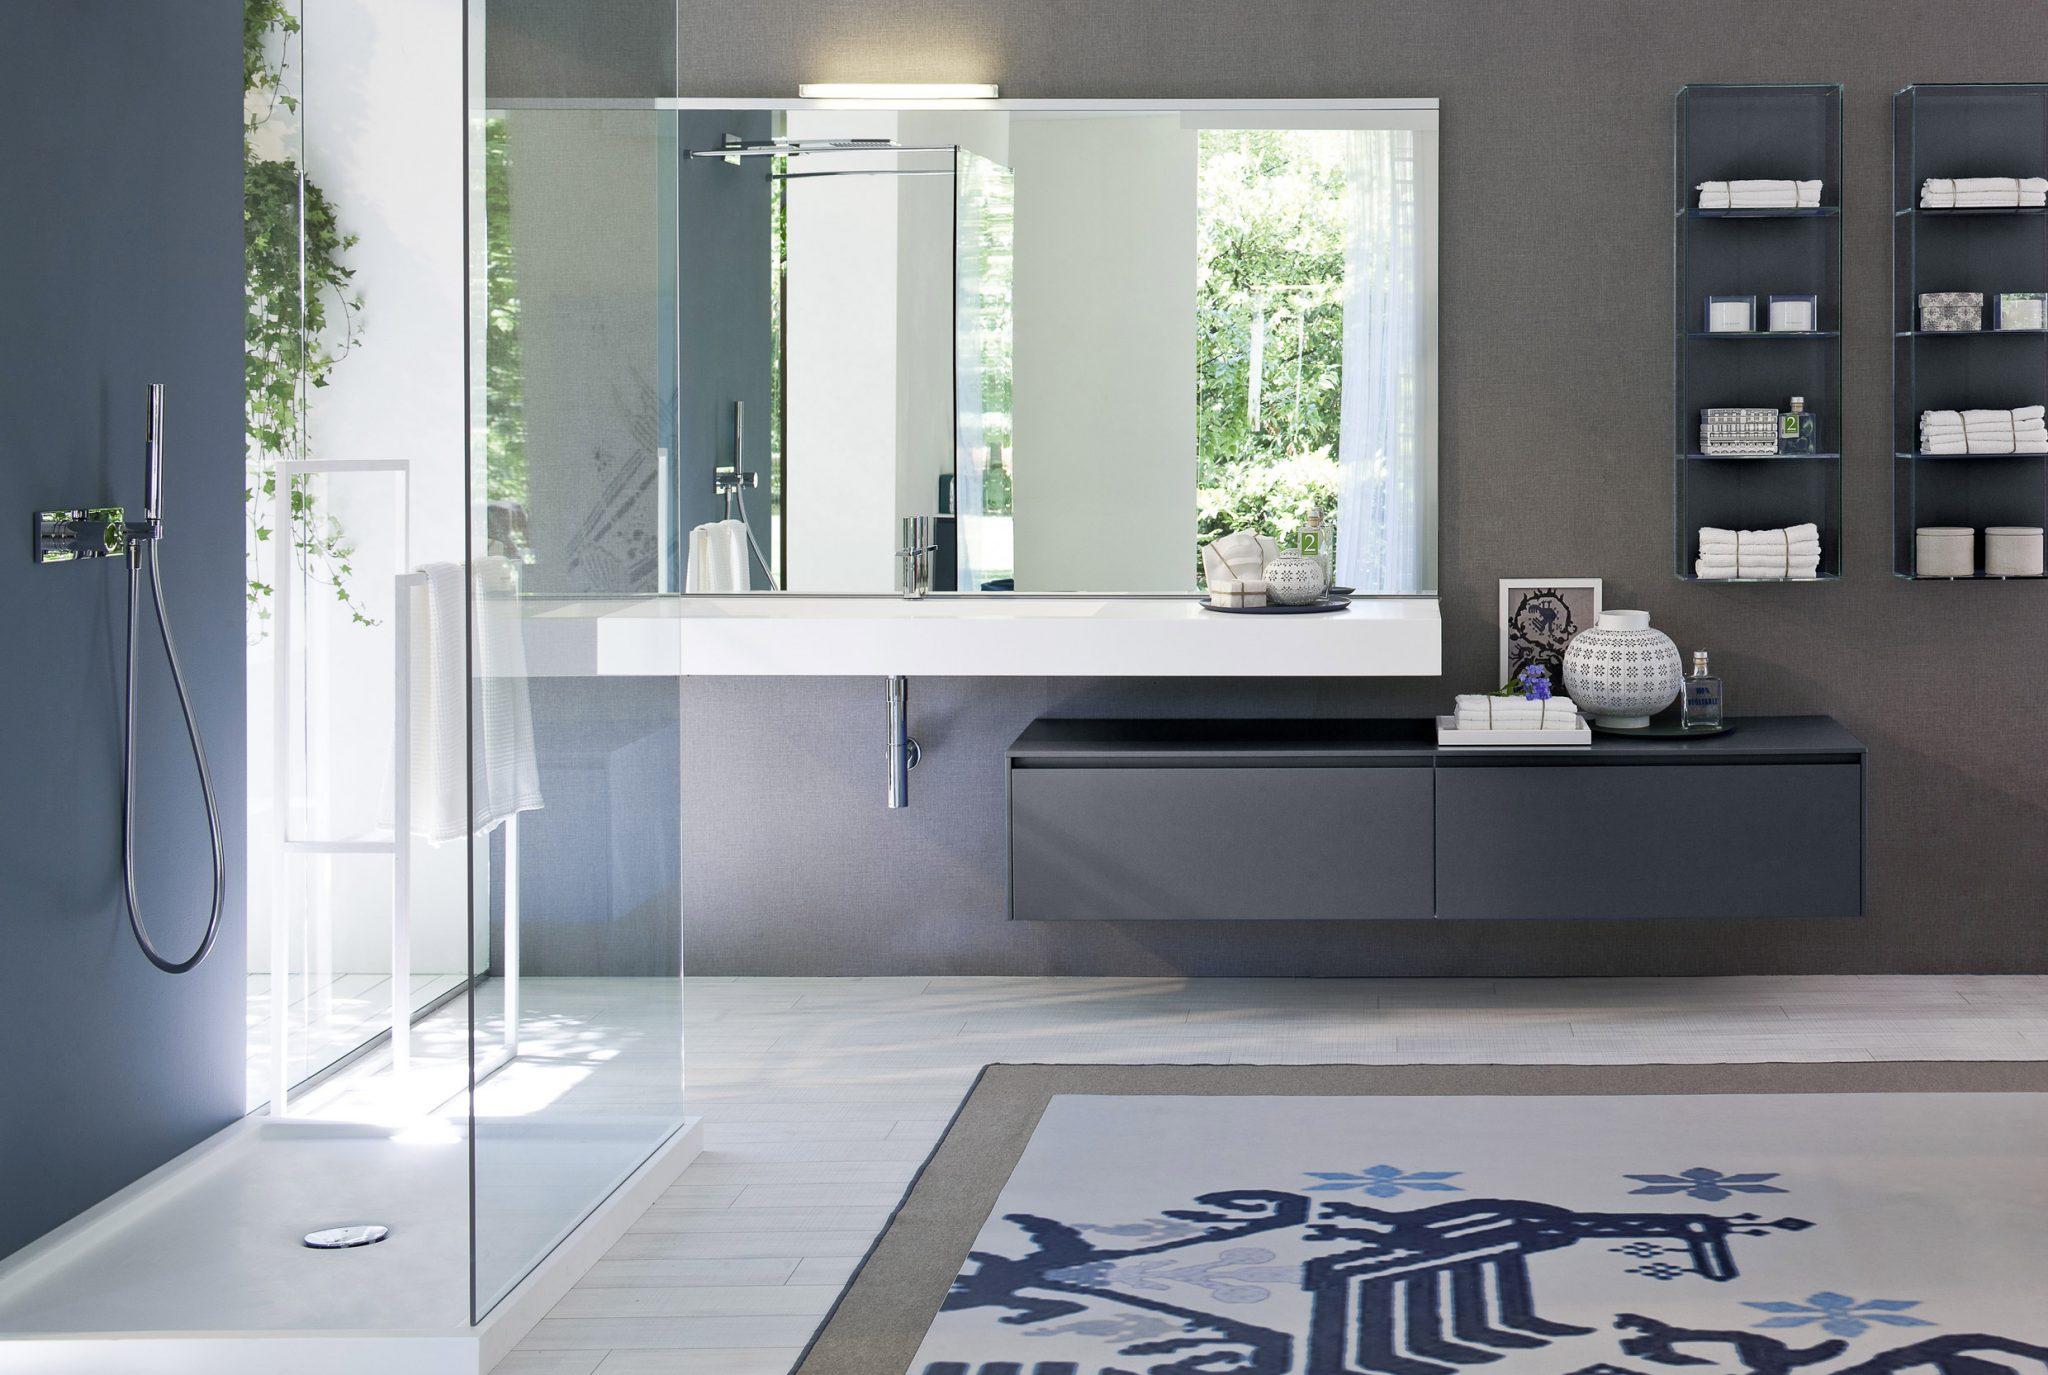 Come scegliere lo specchio per il bagno ideagroup blog - Idee specchi per bagno ...